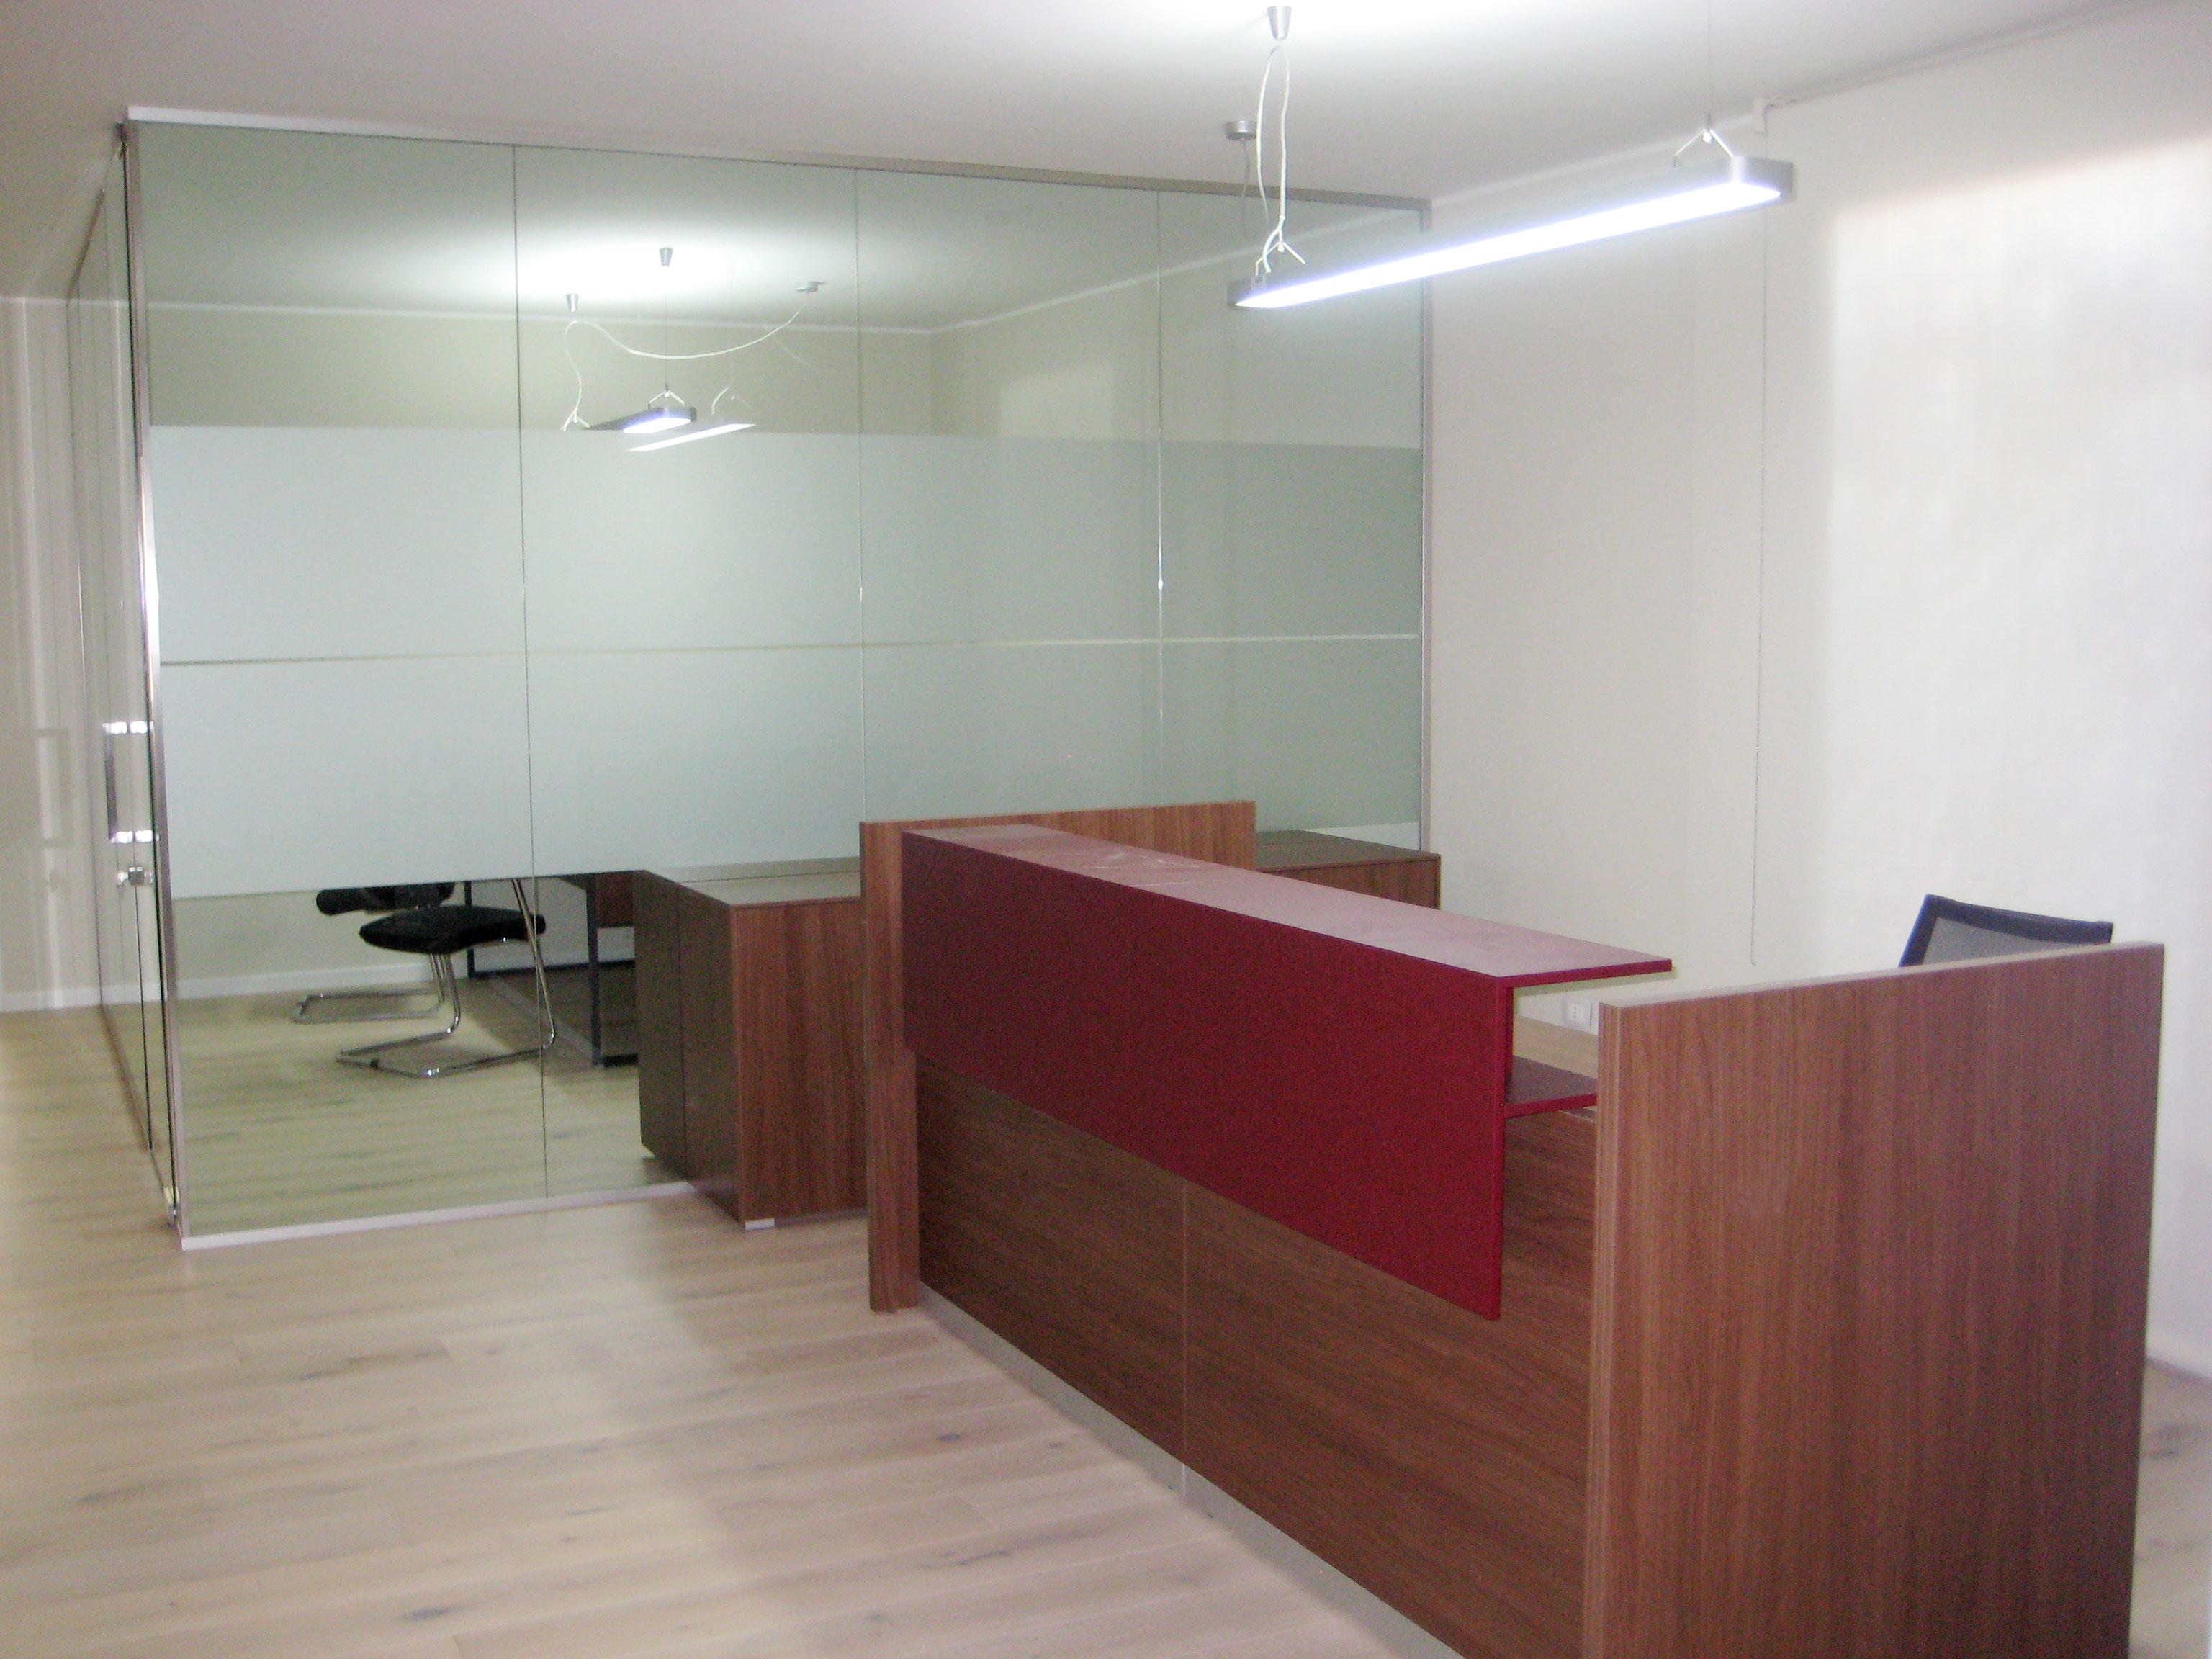 Interior design ufficio 17 tecnoin for Interior design ufficio